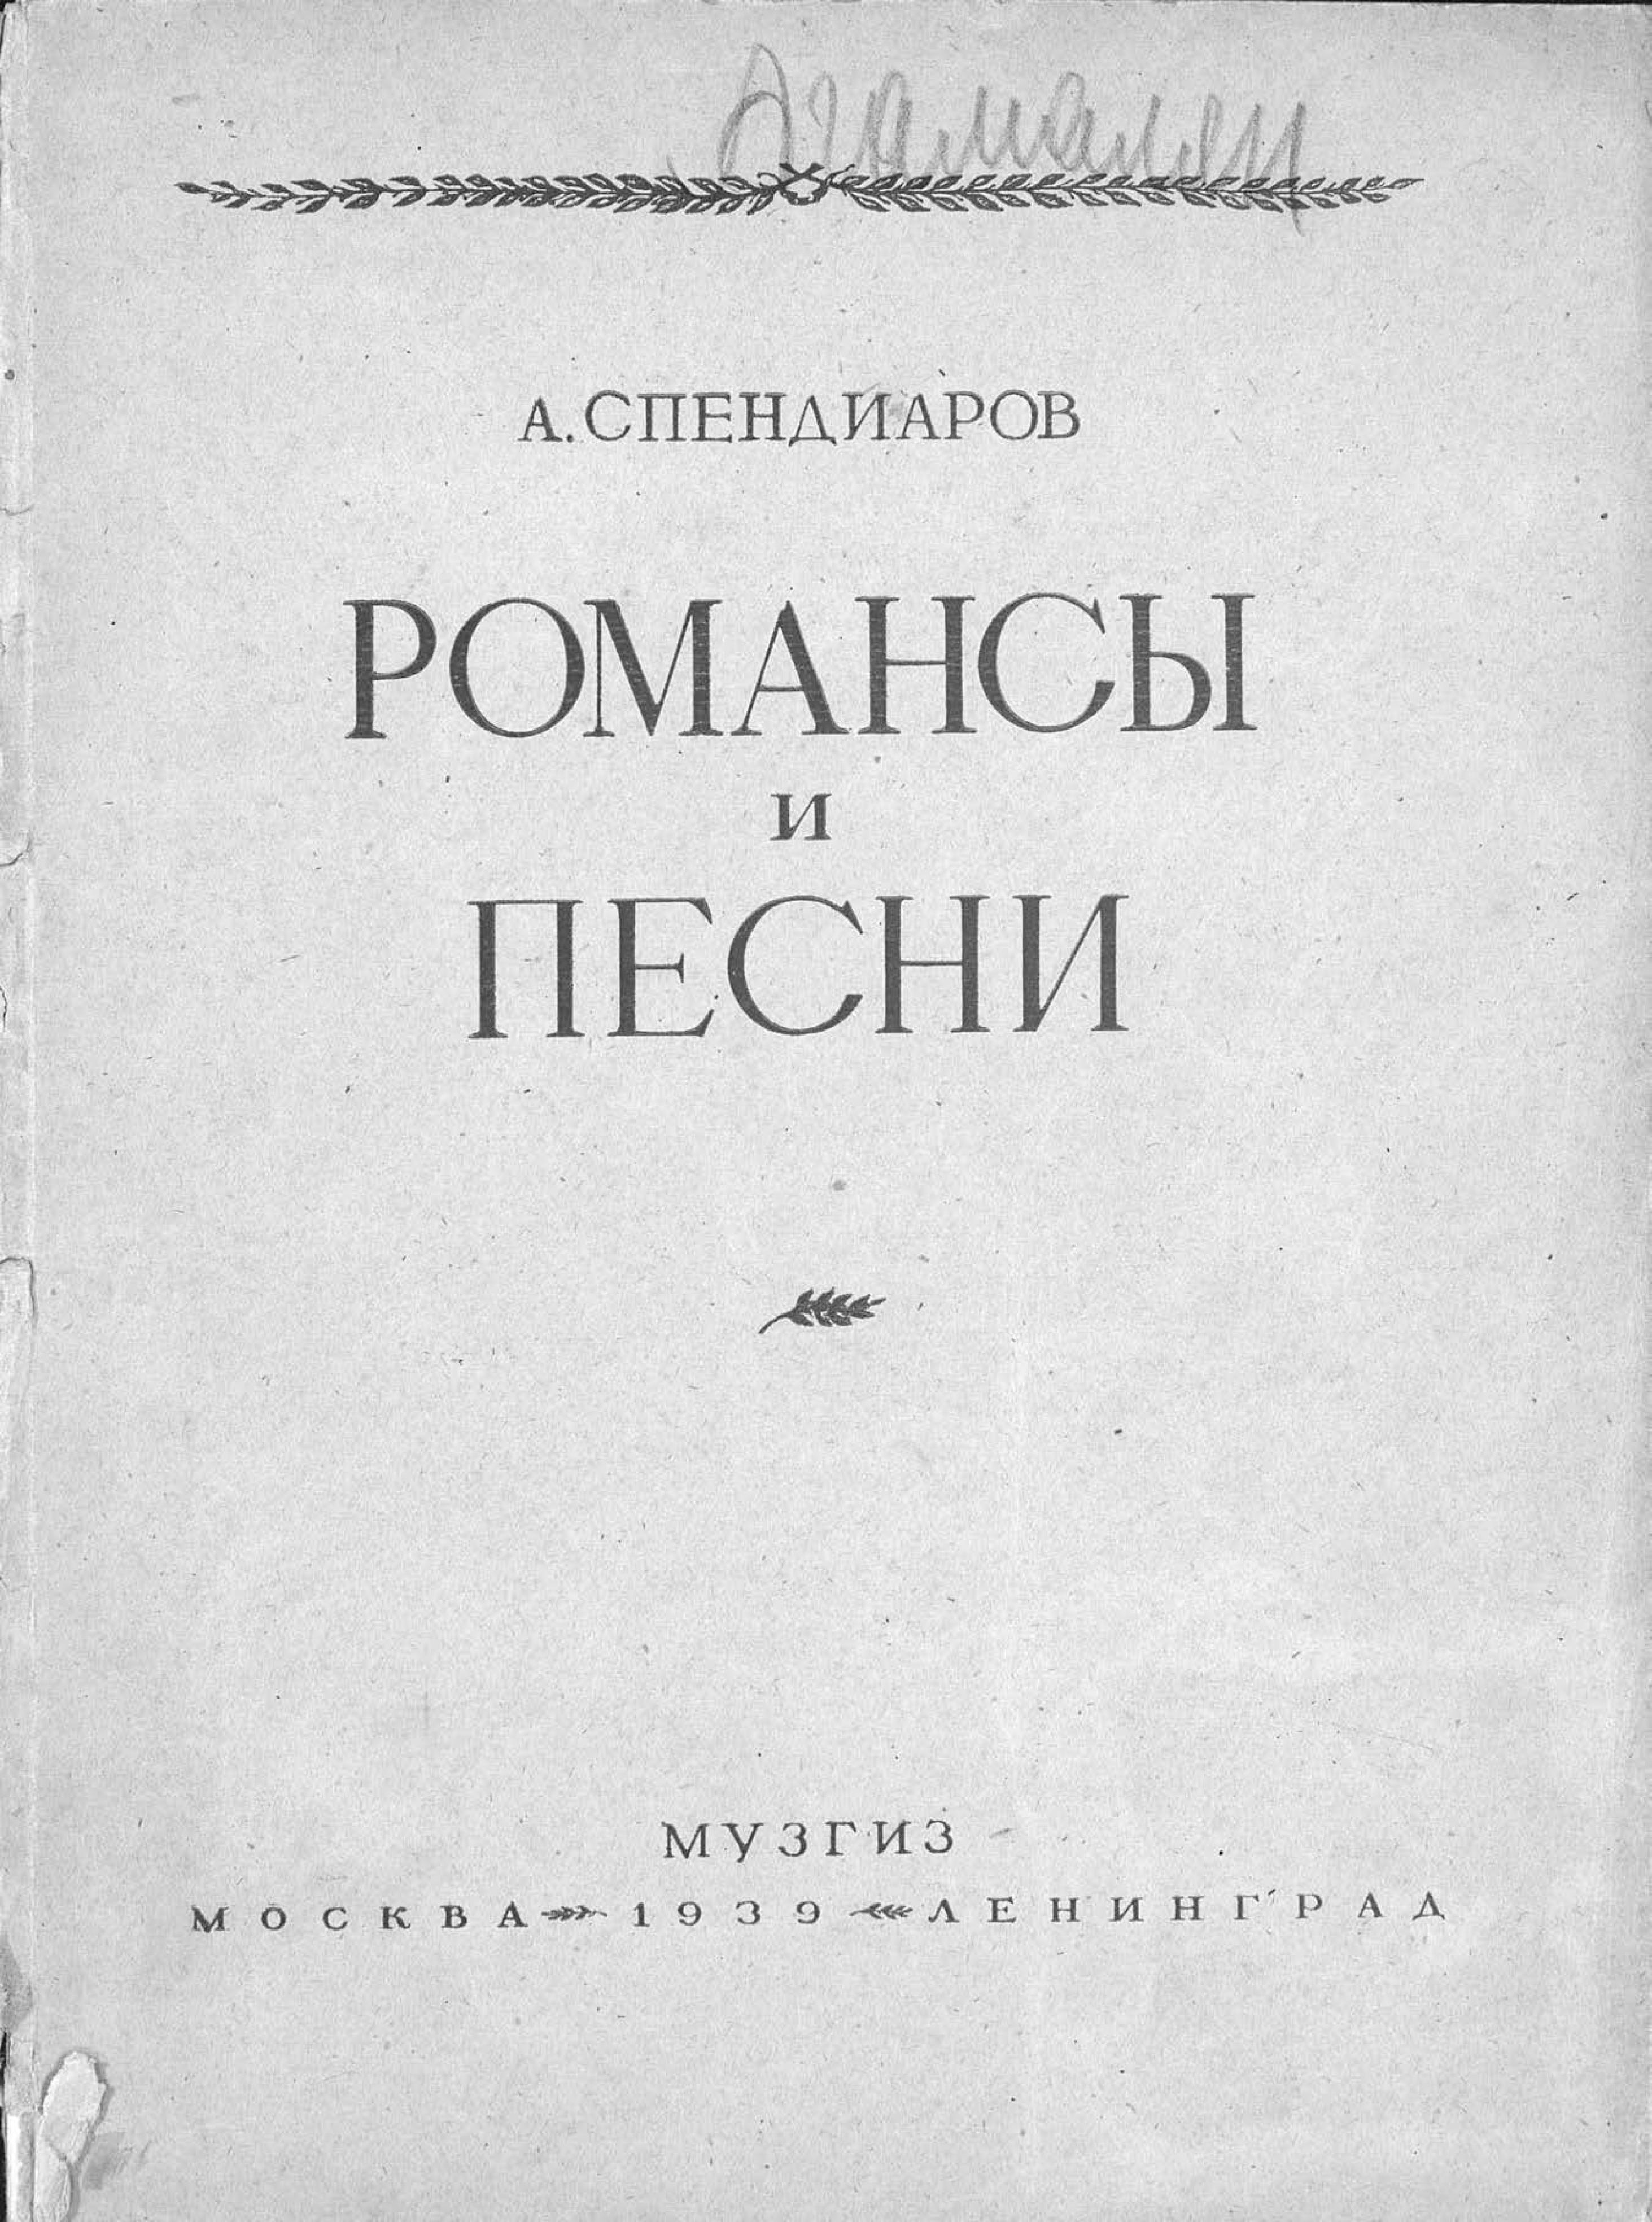 цена на Александр Афанасьевич Спендиаров Избранные романсы и песни для голоса с фортепиано